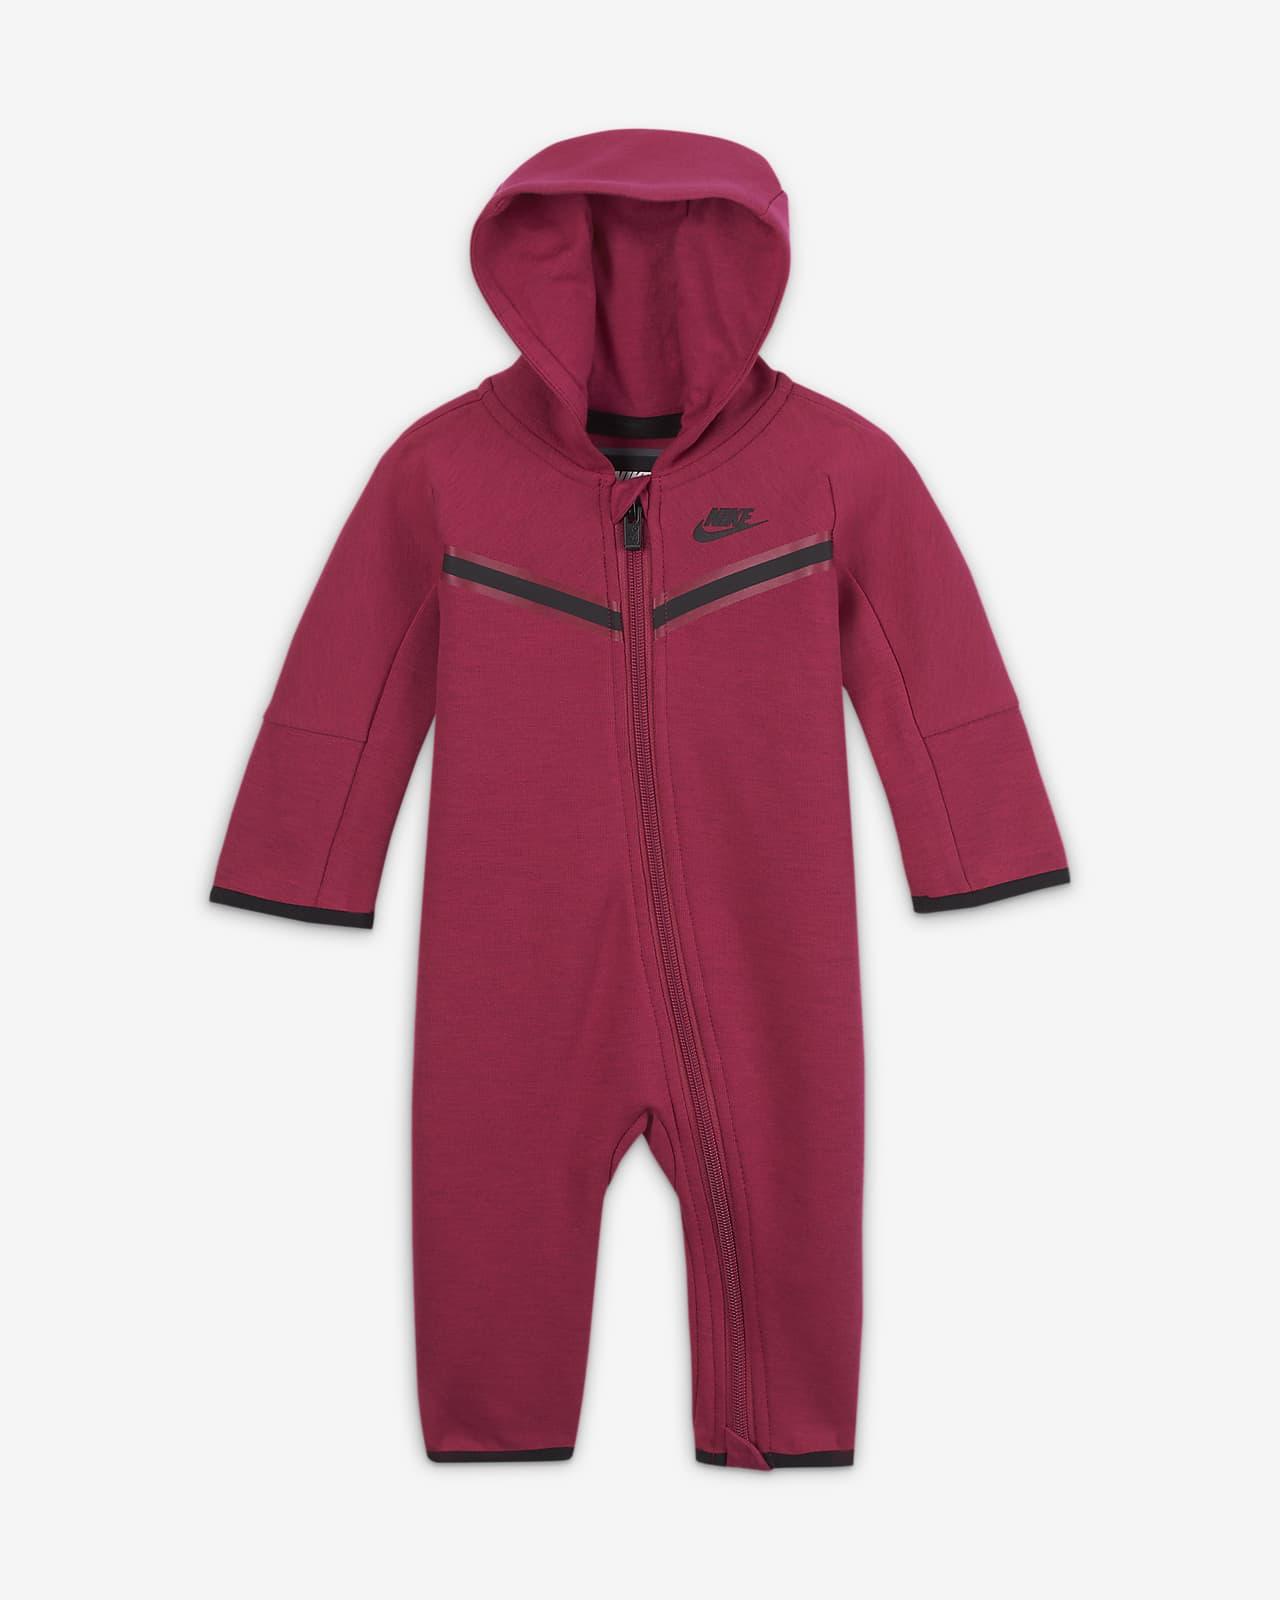 Nike Sportswear Tech Fleece Baby (0-9M) Full-Zip Coverall